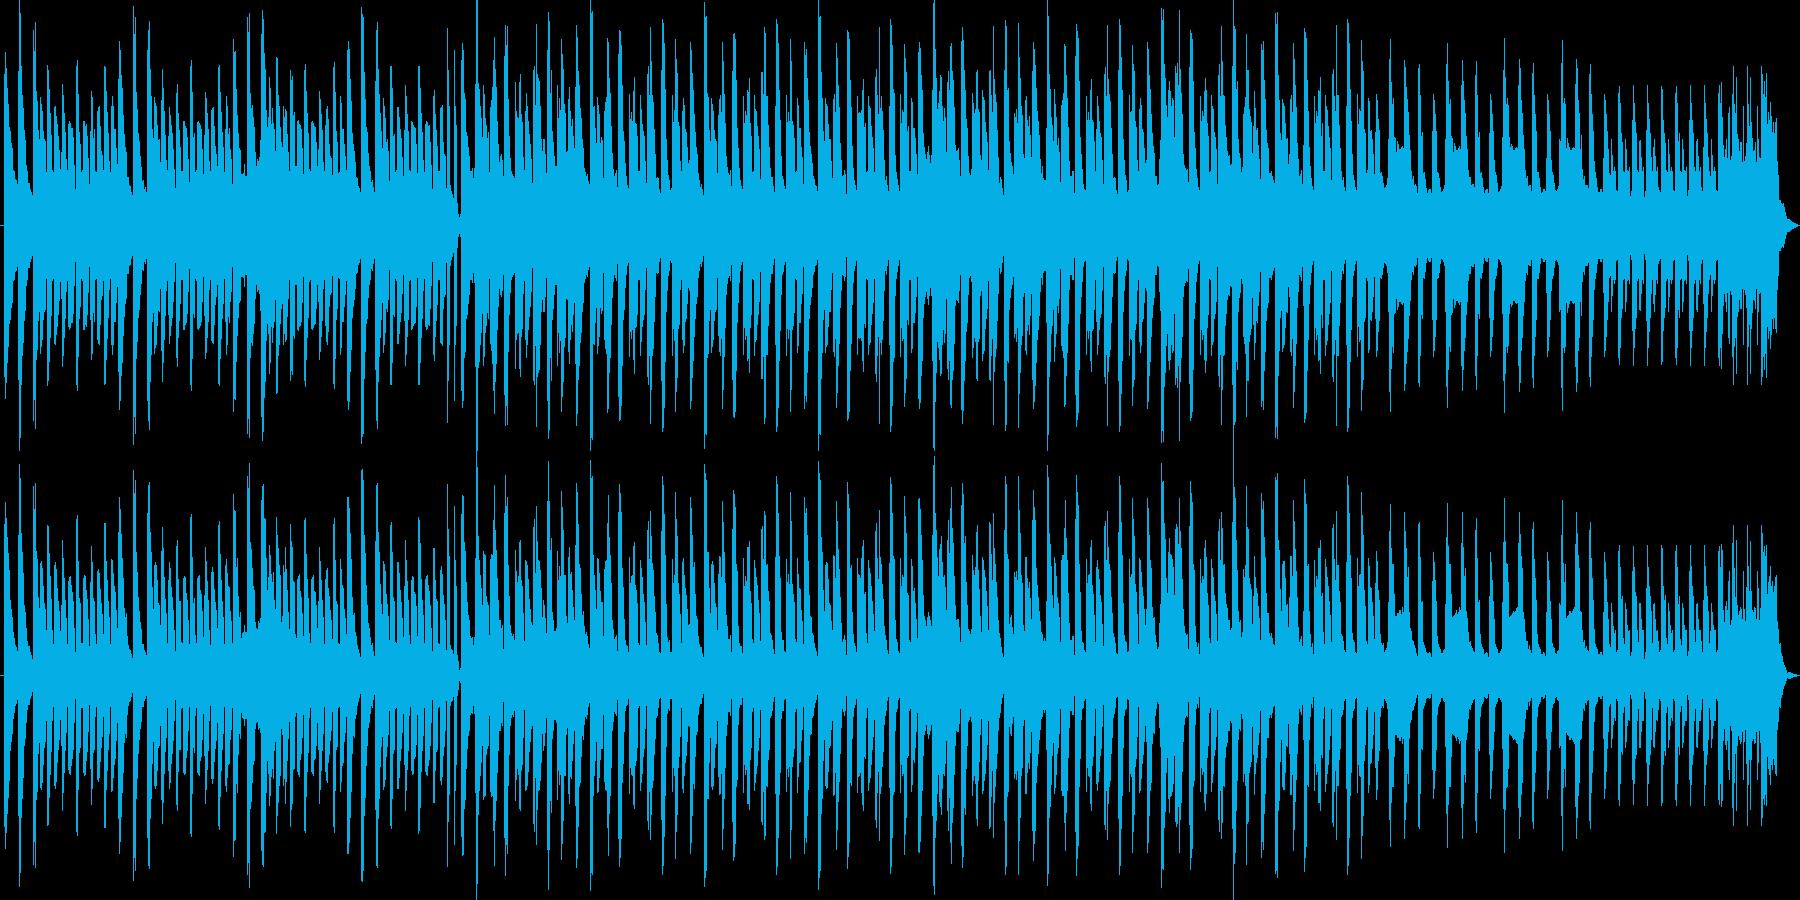 序盤に挟みたいドロップの再生済みの波形